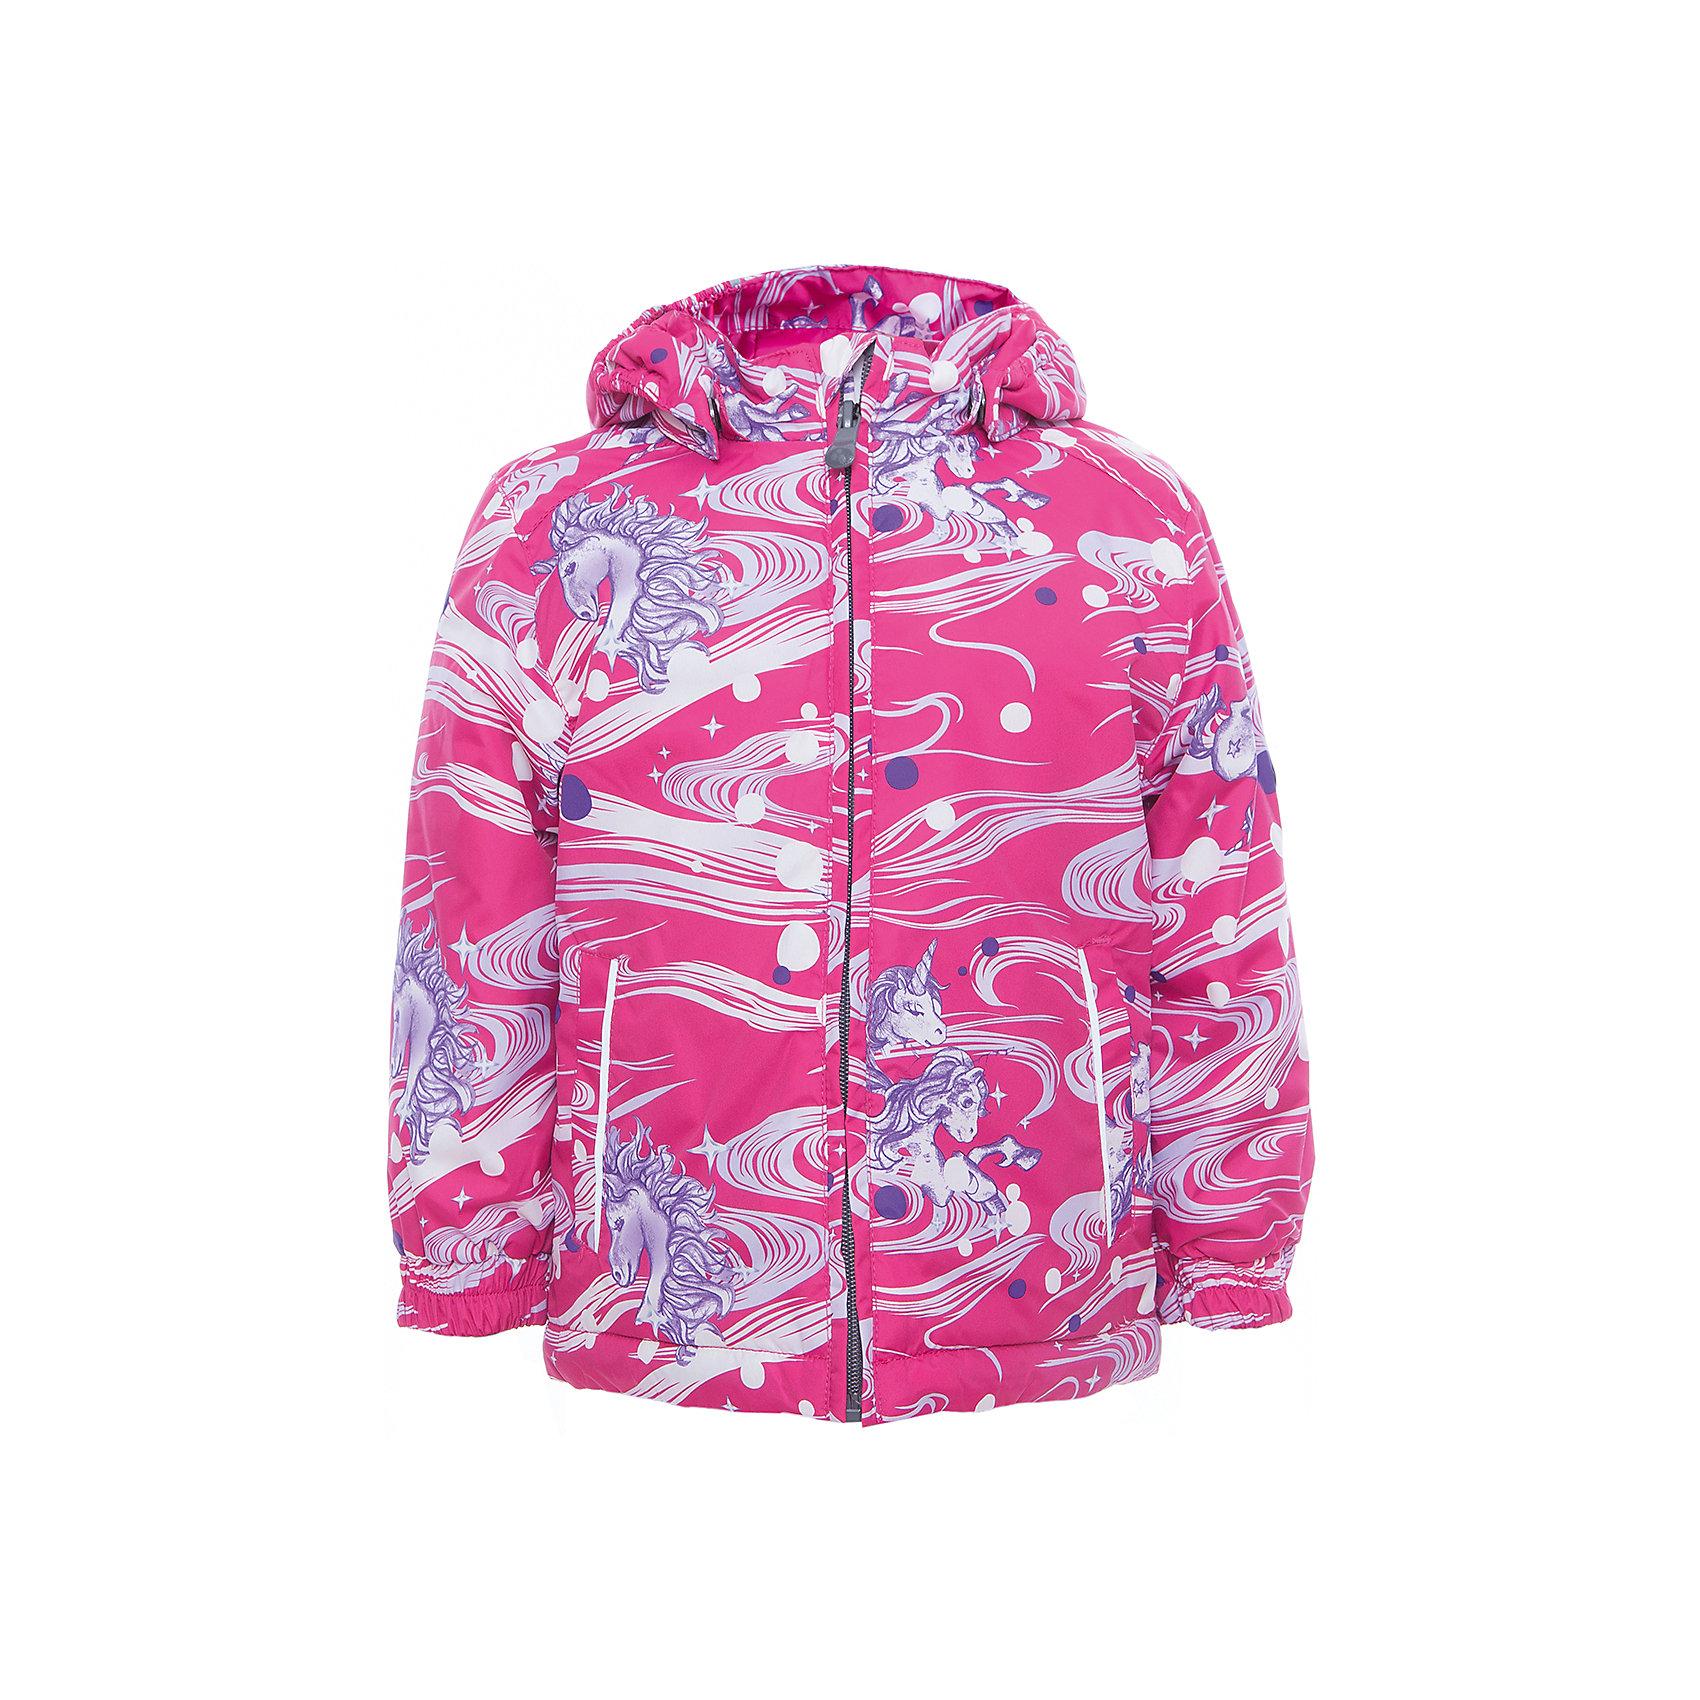 Куртка JODY для девочки HuppaХарактеристики товара:<br><br>• цвет: розовый<br>• ткань: 100% полиэстер<br>• подкладка: тафта - 100% полиэстер<br>• утеплитель: 100% полиэстер 100 г<br>• температурный режим: от -5°С до +15°С<br>• водонепроницаемость: 10000 мм<br>• воздухопроницаемость: 10000 мм<br>• светоотражающие детали<br>• эластичные манжеты<br>• молния<br>• съёмный капюшон<br>• комфортная посадка<br>• коллекция: весна-лето 2017<br>• страна бренда: Эстония<br><br>Эта стильная куртка обеспечит детям тепло и комфорт. Она сделана из материала, отталкивающего воду, и дополнено подкладкой с утеплителем, поэтому изделие идеально подходит для межсезонья. Материал изделия - с мембранной технологией: защищая от влаги и ветра, он легко выводит лишнюю влагу наружу. Для удобства сделан капюшон. Куртка очень симпатично смотрится, яркая расцветка и крой добавляют ему оригинальности. Модель была разработана специально для детей.<br><br>Одежда и обувь от популярного эстонского бренда Huppa - отличный вариант одеть ребенка можно и комфортно. Вещи, выпускаемые компанией, качественные, продуманные и очень удобные. Для производства изделий используются только безопасные для детей материалы. Продукция от Huppa порадует и детей, и их родителей!<br><br>Куртку JODY от бренда Huppa (Хуппа) можно купить в нашем интернет-магазине.<br><br>Ширина мм: 356<br>Глубина мм: 10<br>Высота мм: 245<br>Вес г: 519<br>Цвет: фиолетовый<br>Возраст от месяцев: 132<br>Возраст до месяцев: 144<br>Пол: Женский<br>Возраст: Детский<br>Размер: 140,146,152,92,98,104,110,116,122,128,134<br>SKU: 5346973